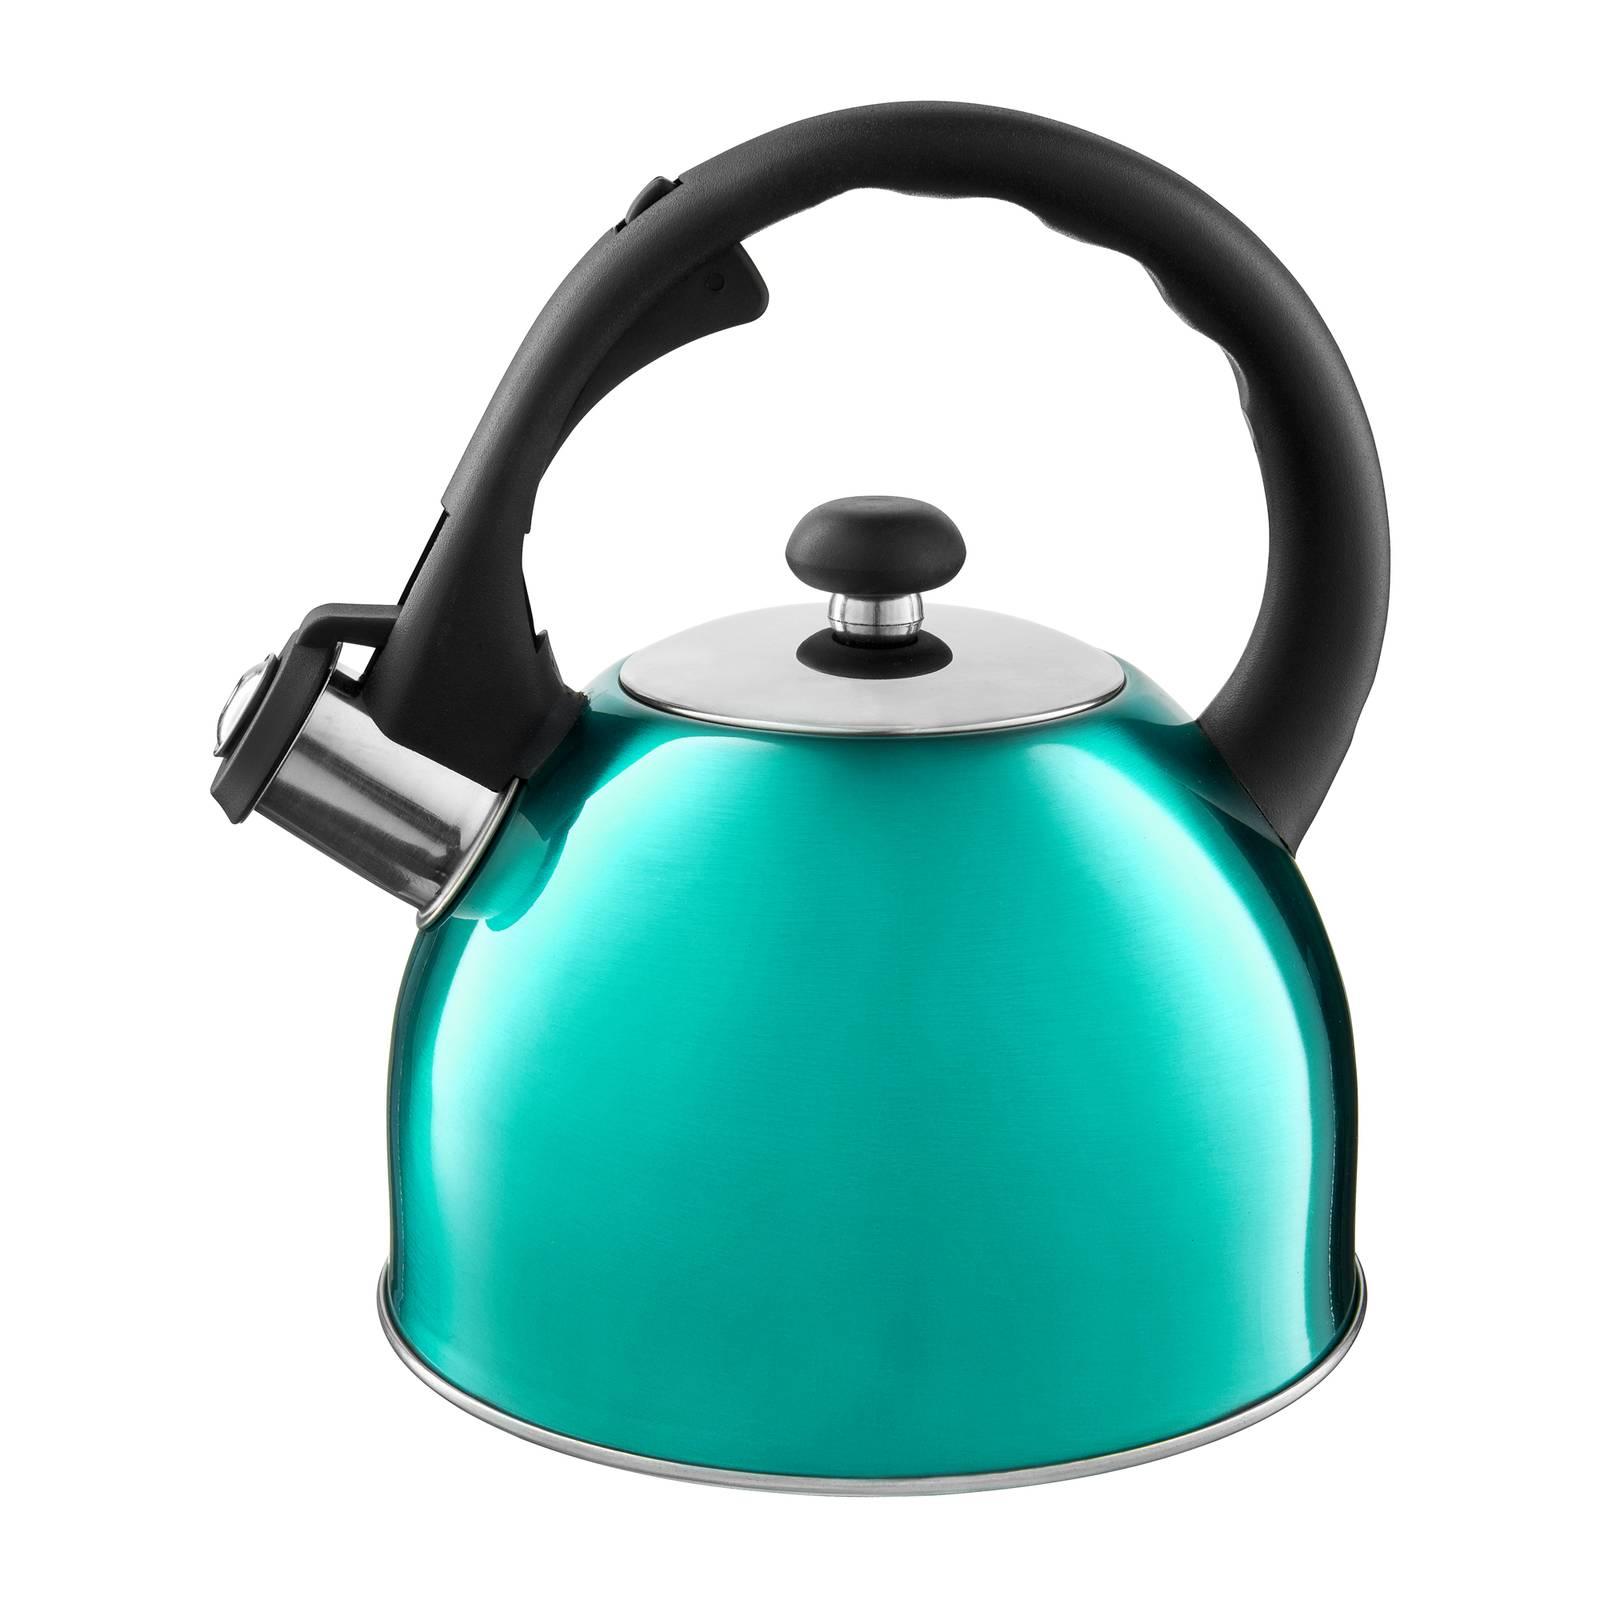 Čajník Bennet Turquoise 1,5 l DOMOTTI